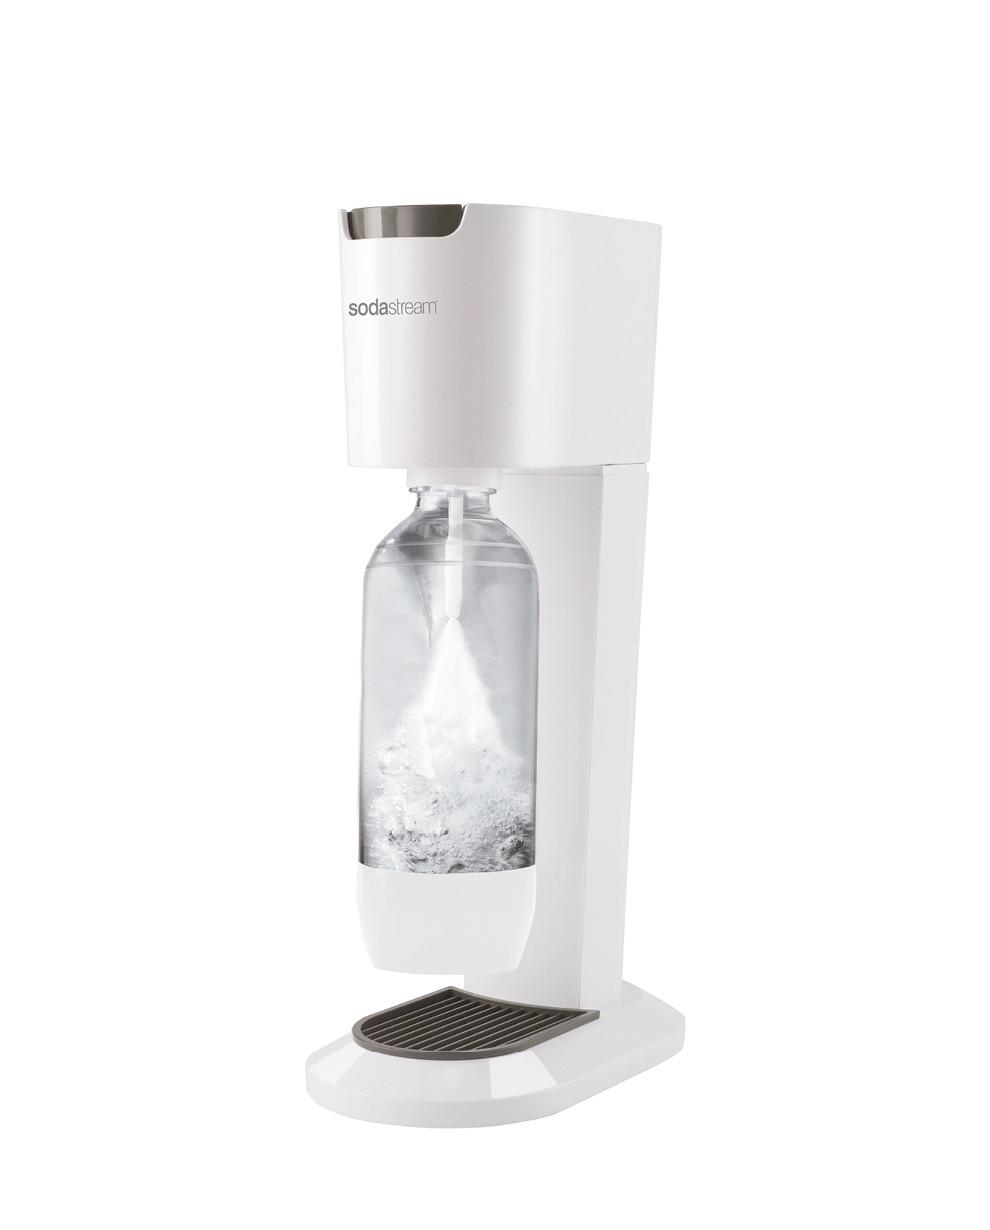 SodaStream Genesis White Gasatore